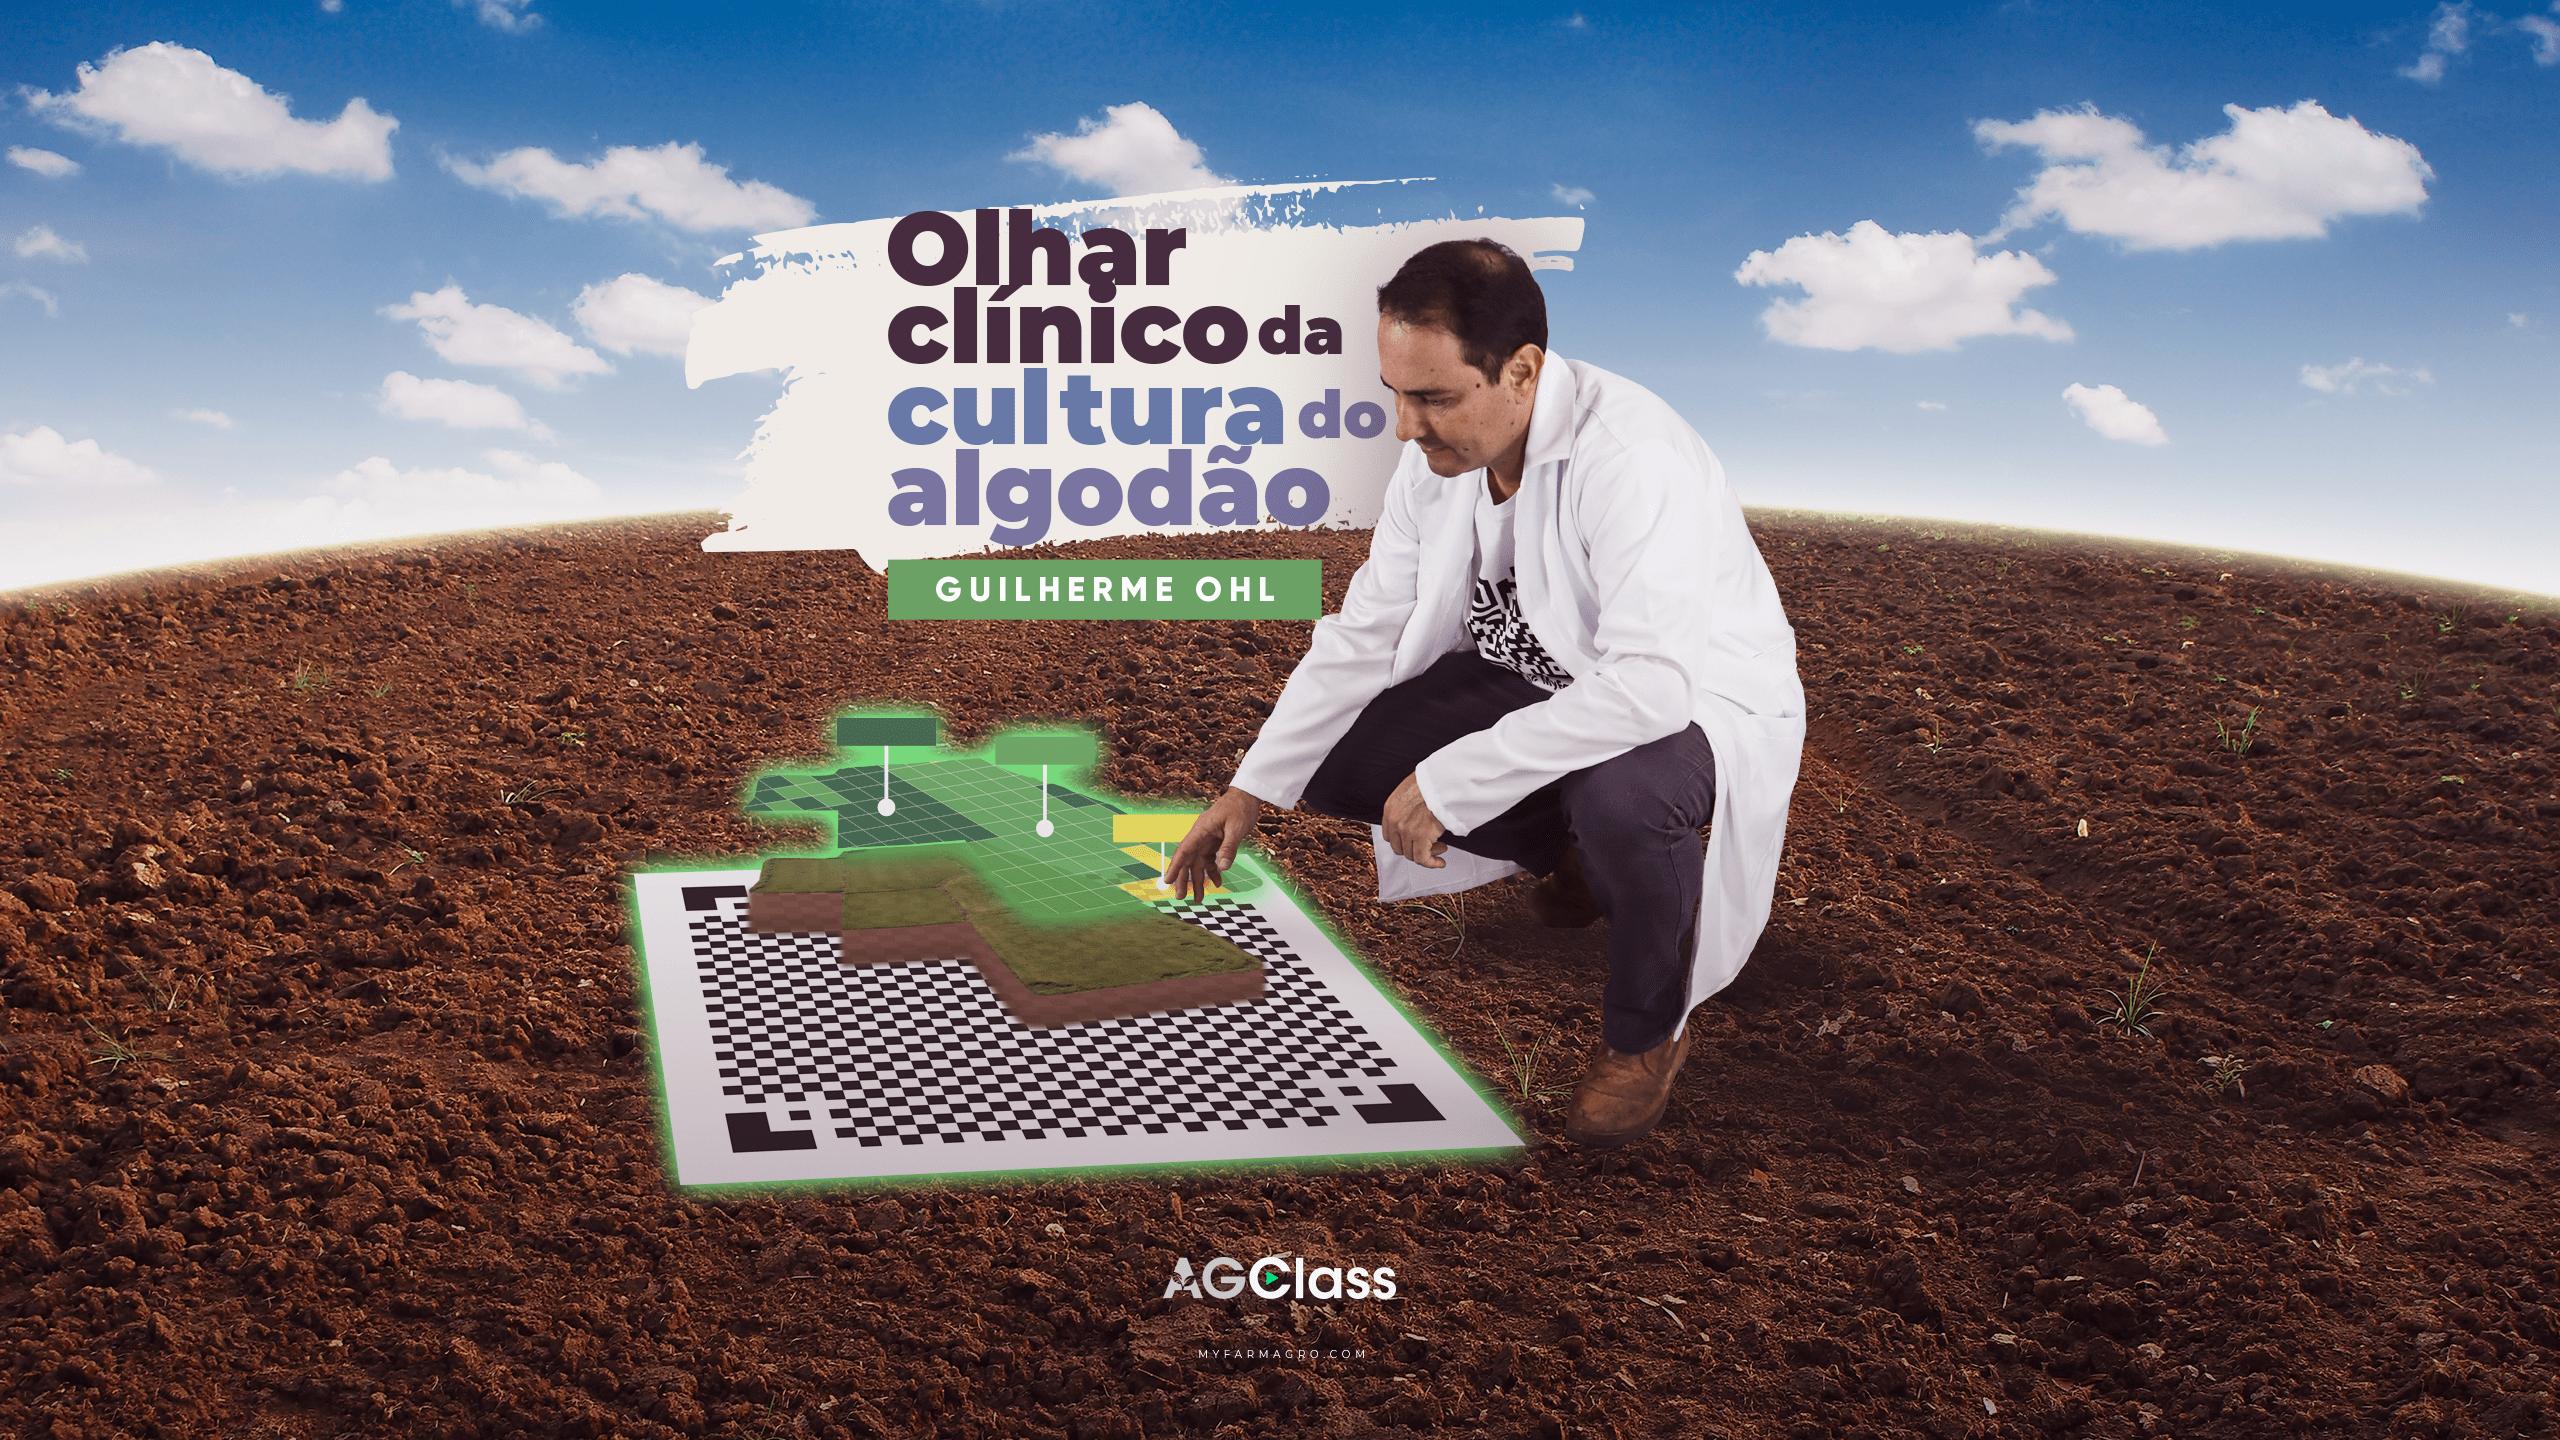 OLHAR CLÍNICO DA CULTURA DO ALGODÃO